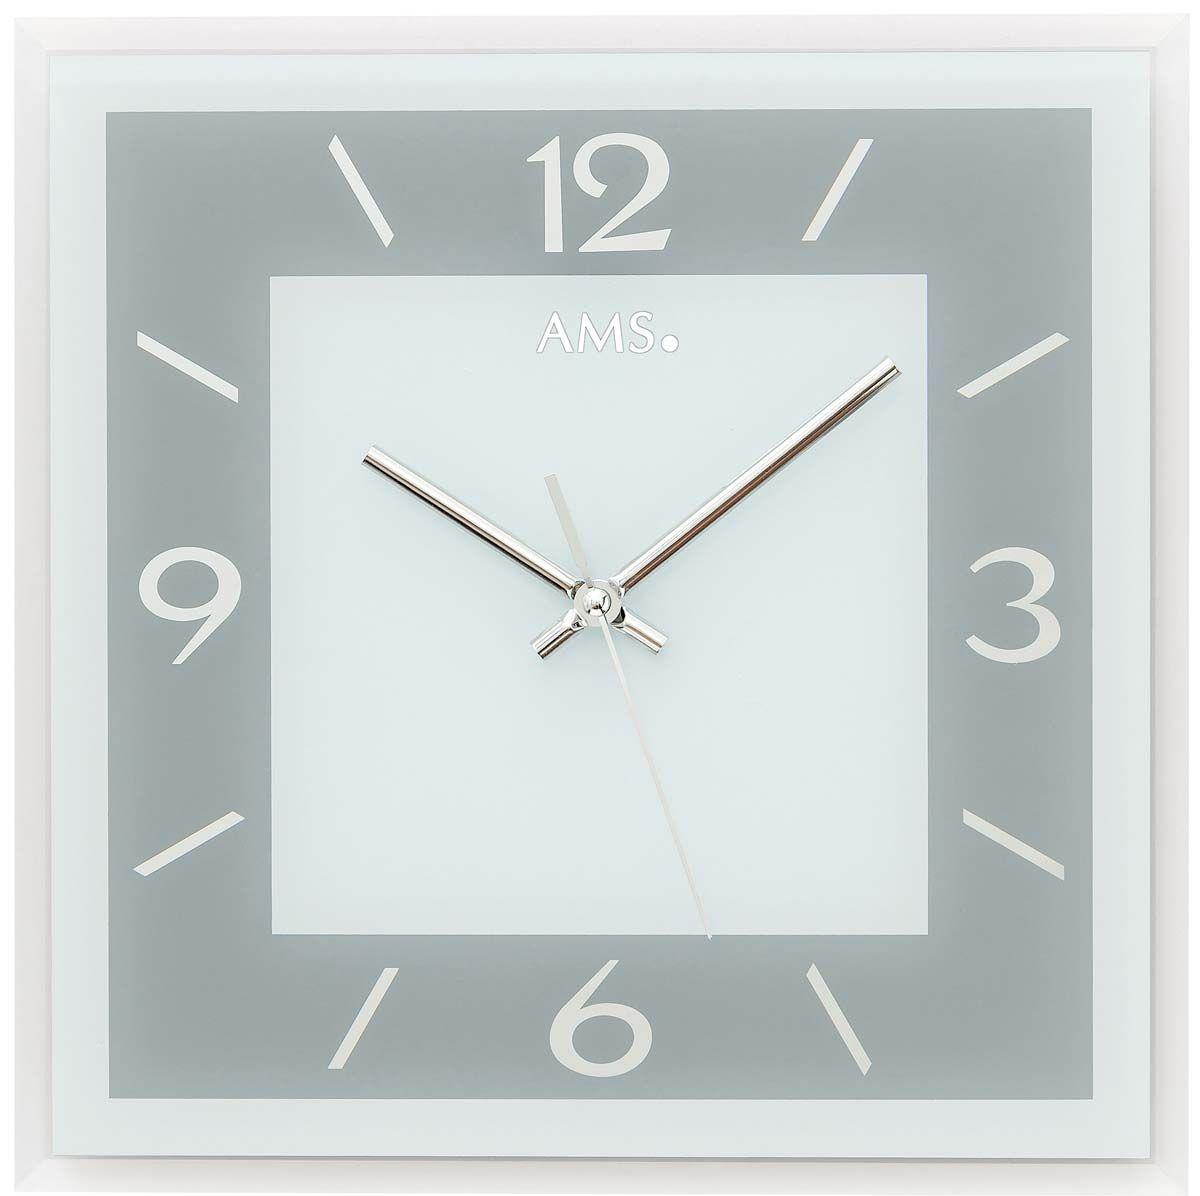 Nástěnné hodiny čtvercové skleněné ams 9573 stříbrná